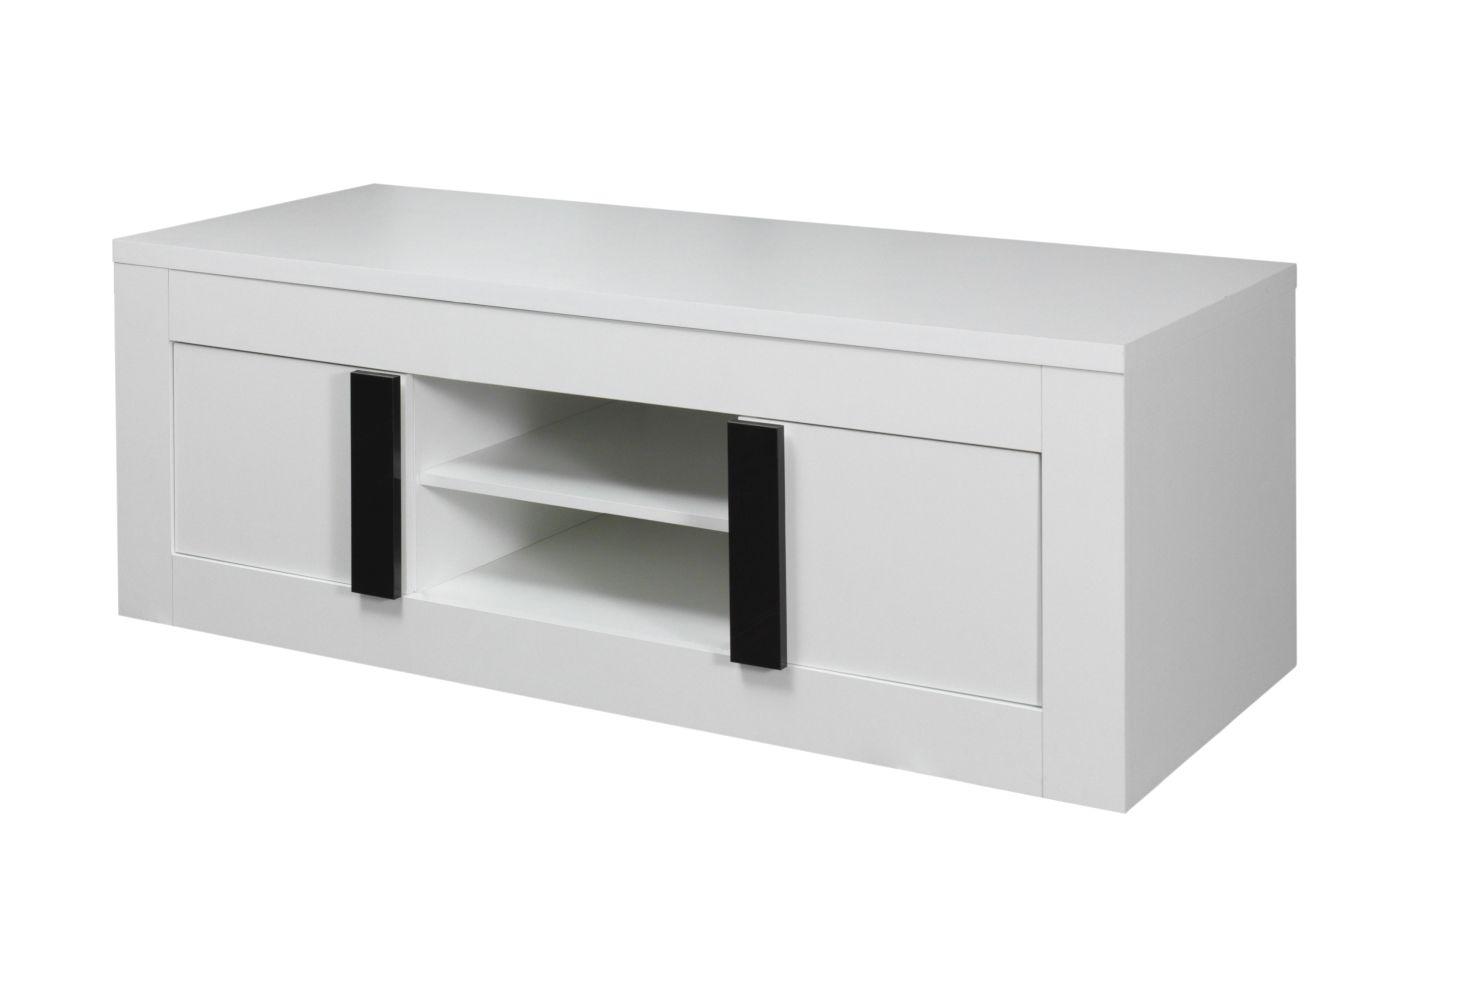 schrank 150 cm hoch preisvergleiche erfahrungsberichte. Black Bedroom Furniture Sets. Home Design Ideas